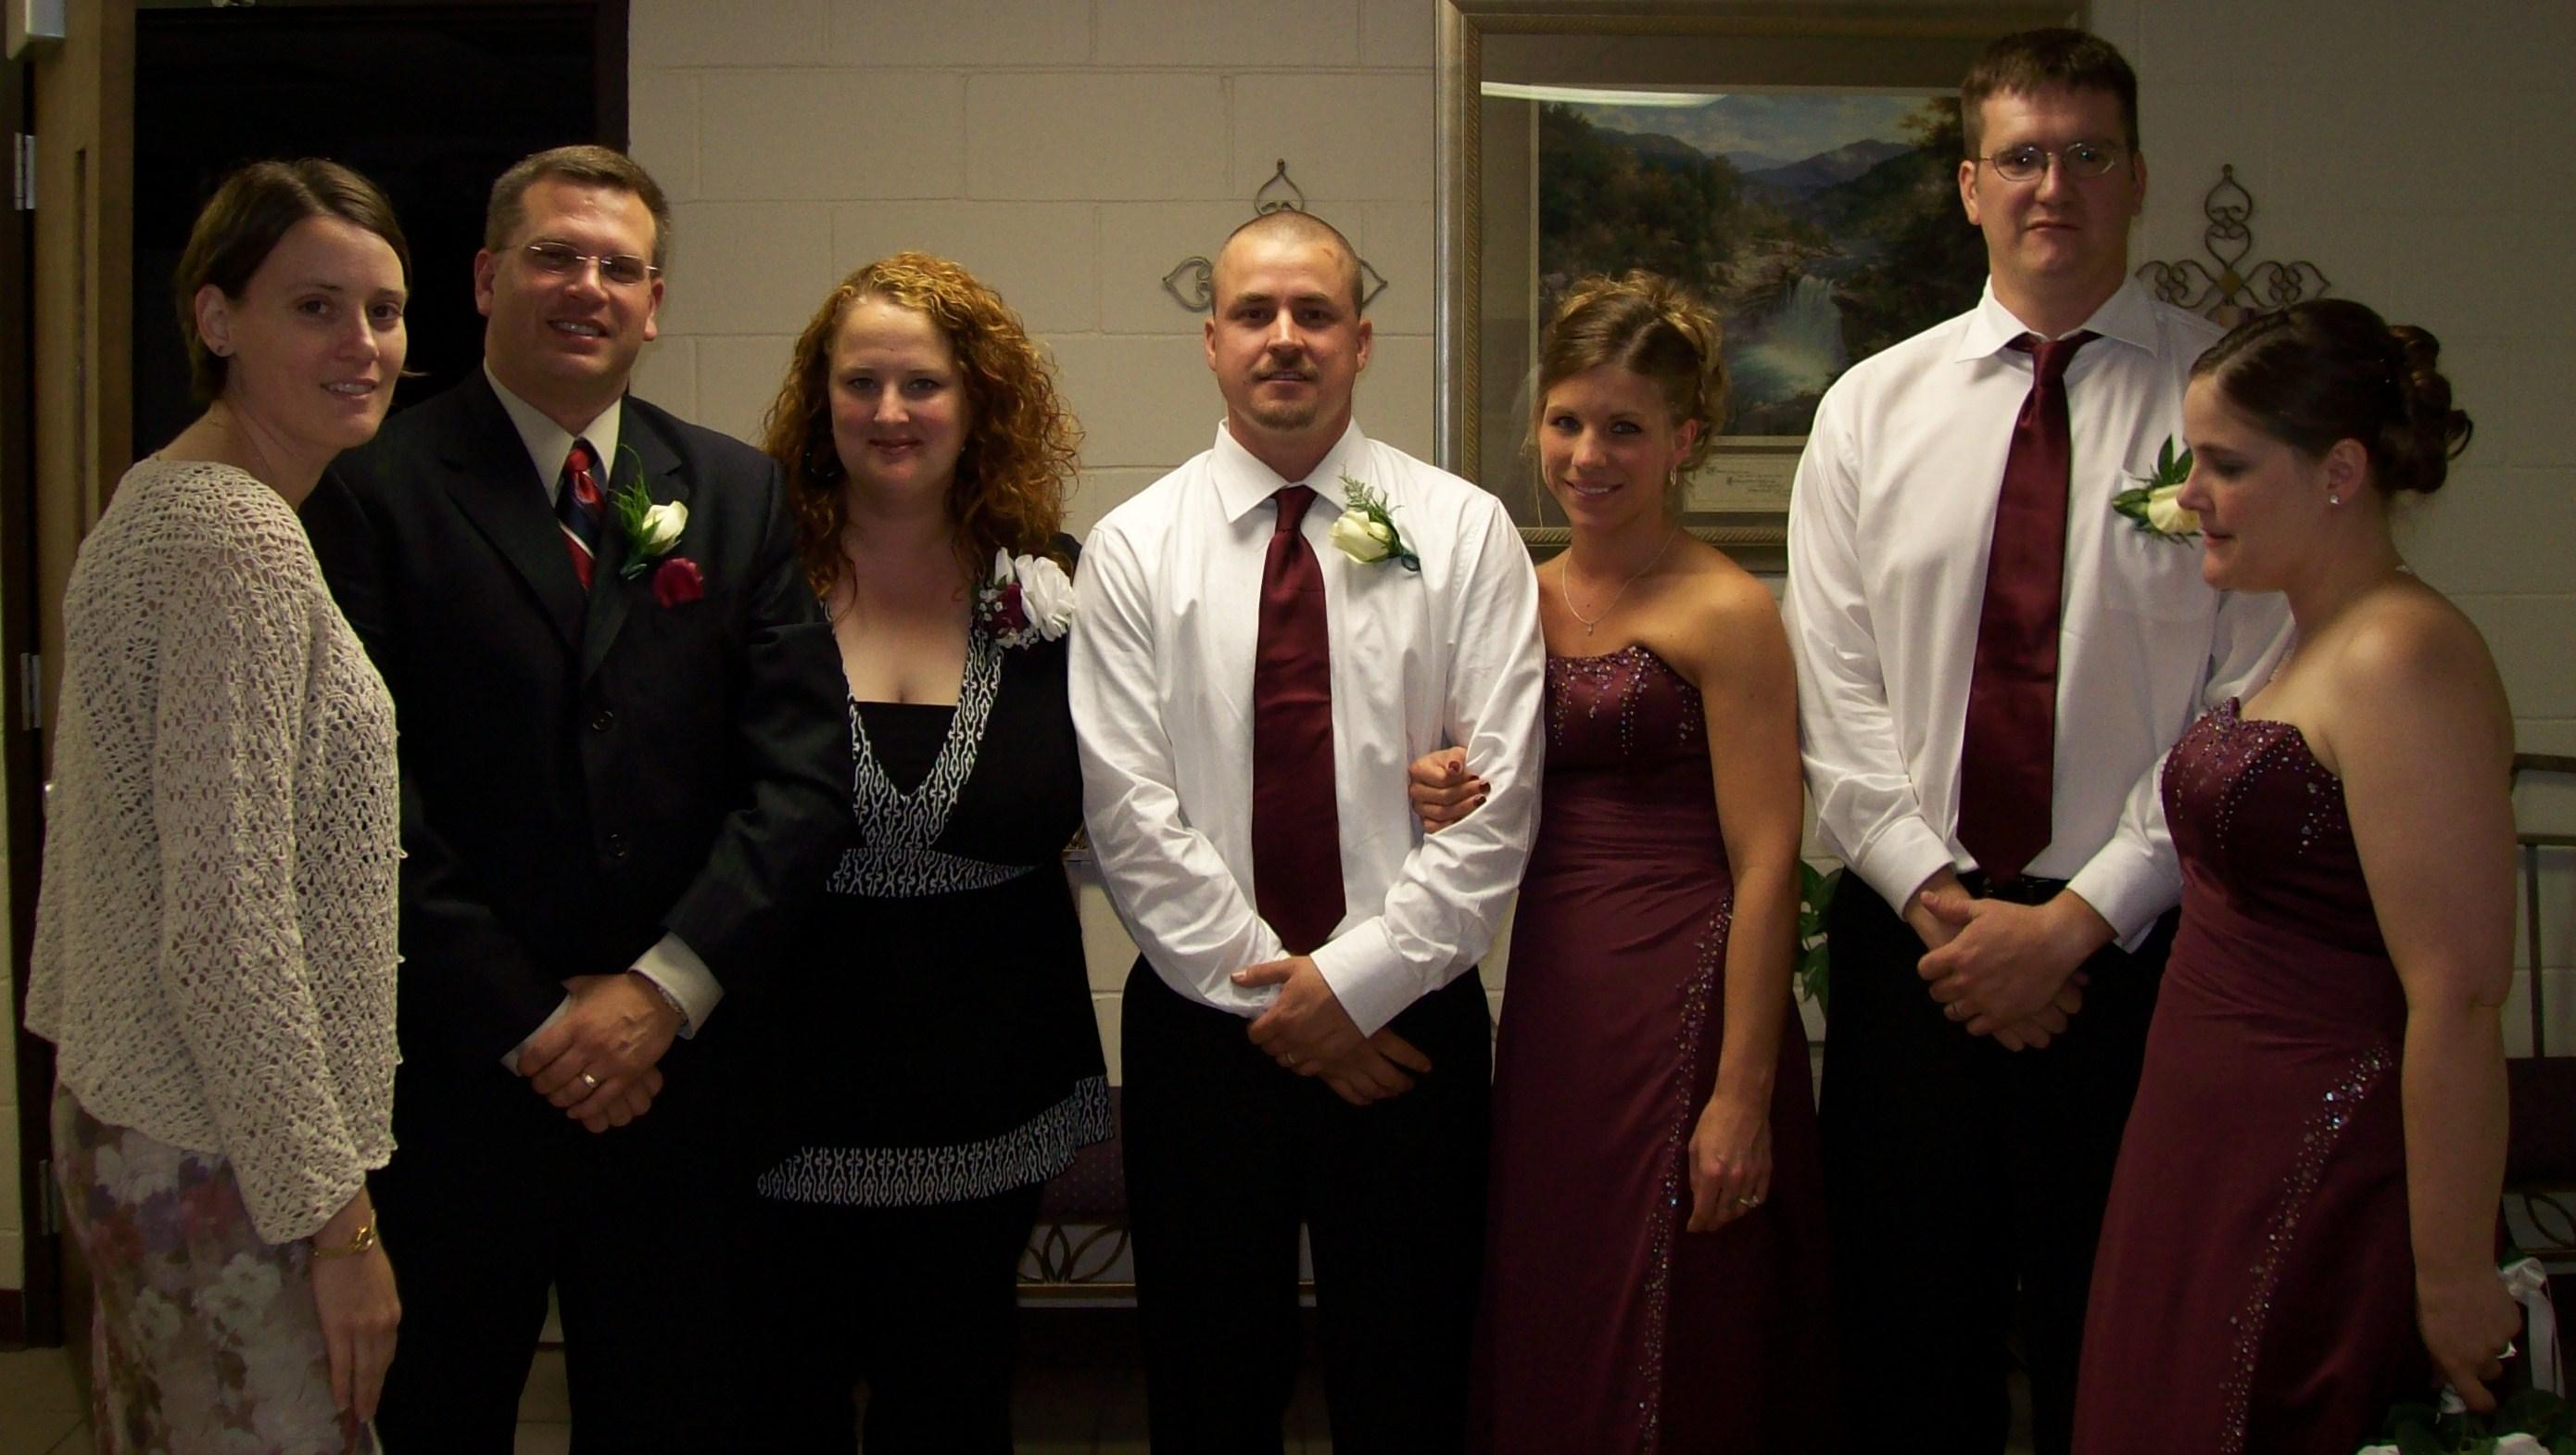 marcias-wedding-031.jpg